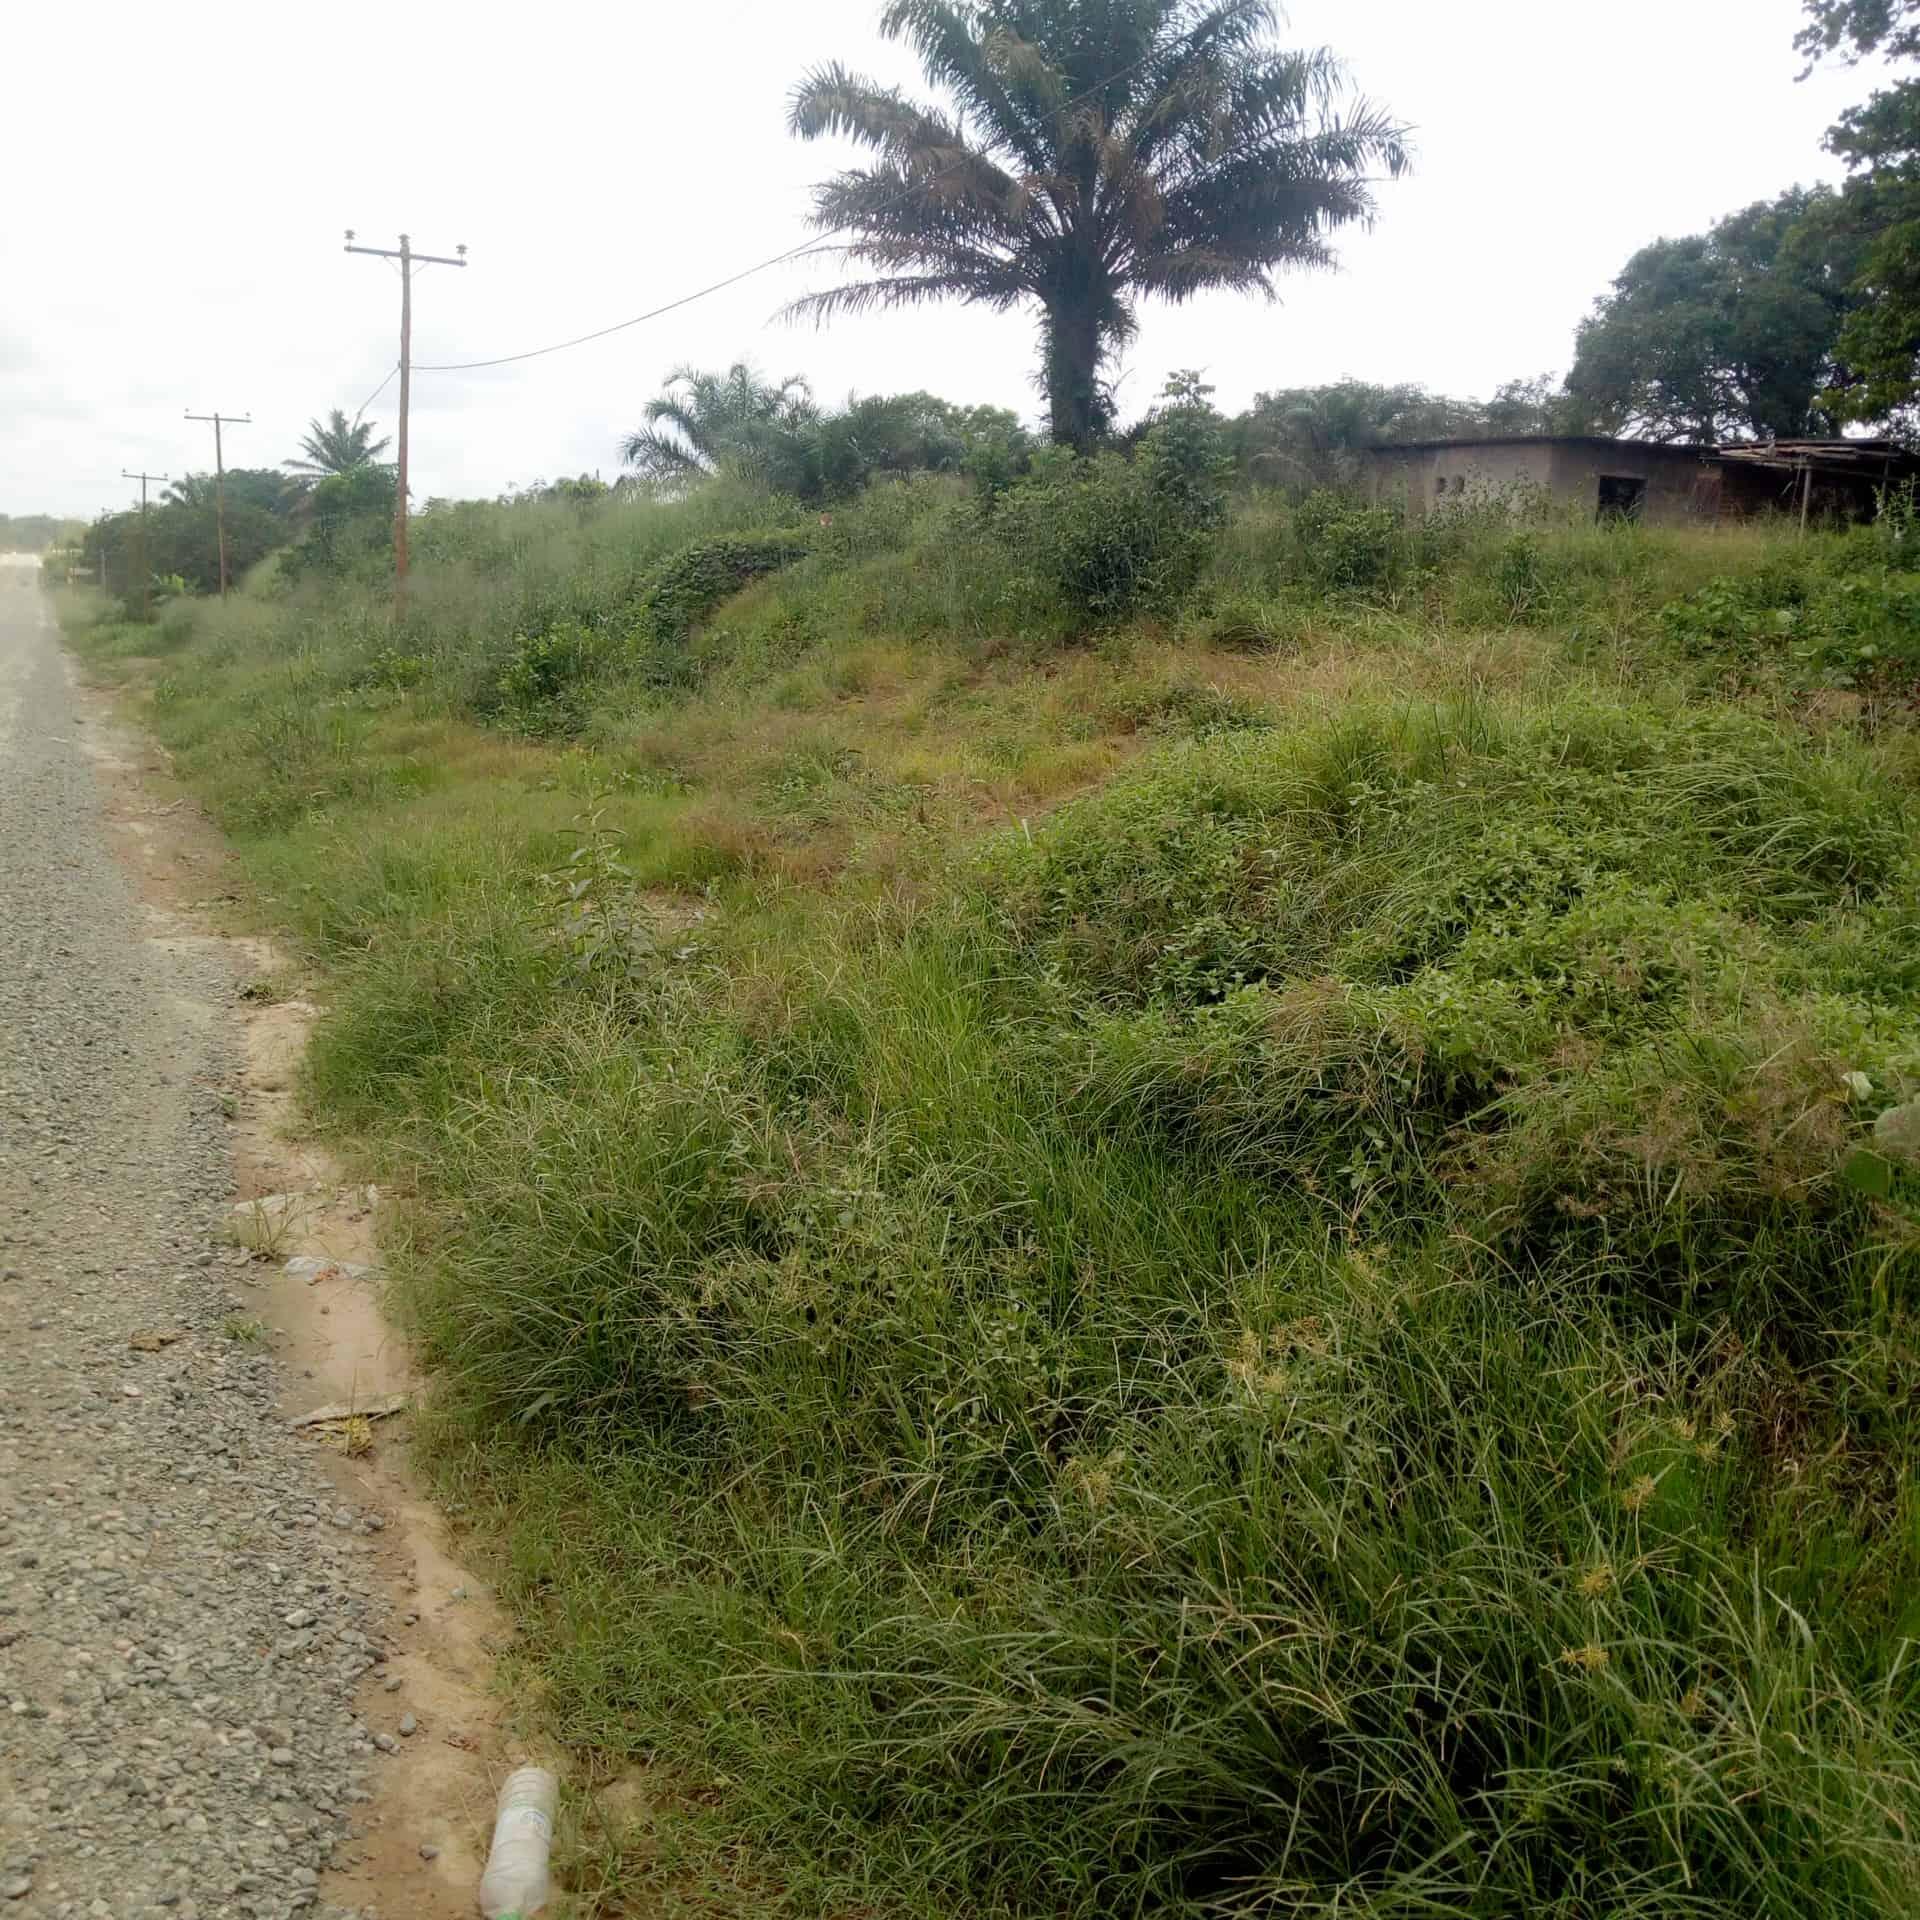 Land for sale at Douala, PK 26, Pk26 - 1000 m2 - 6 000 000 FCFA